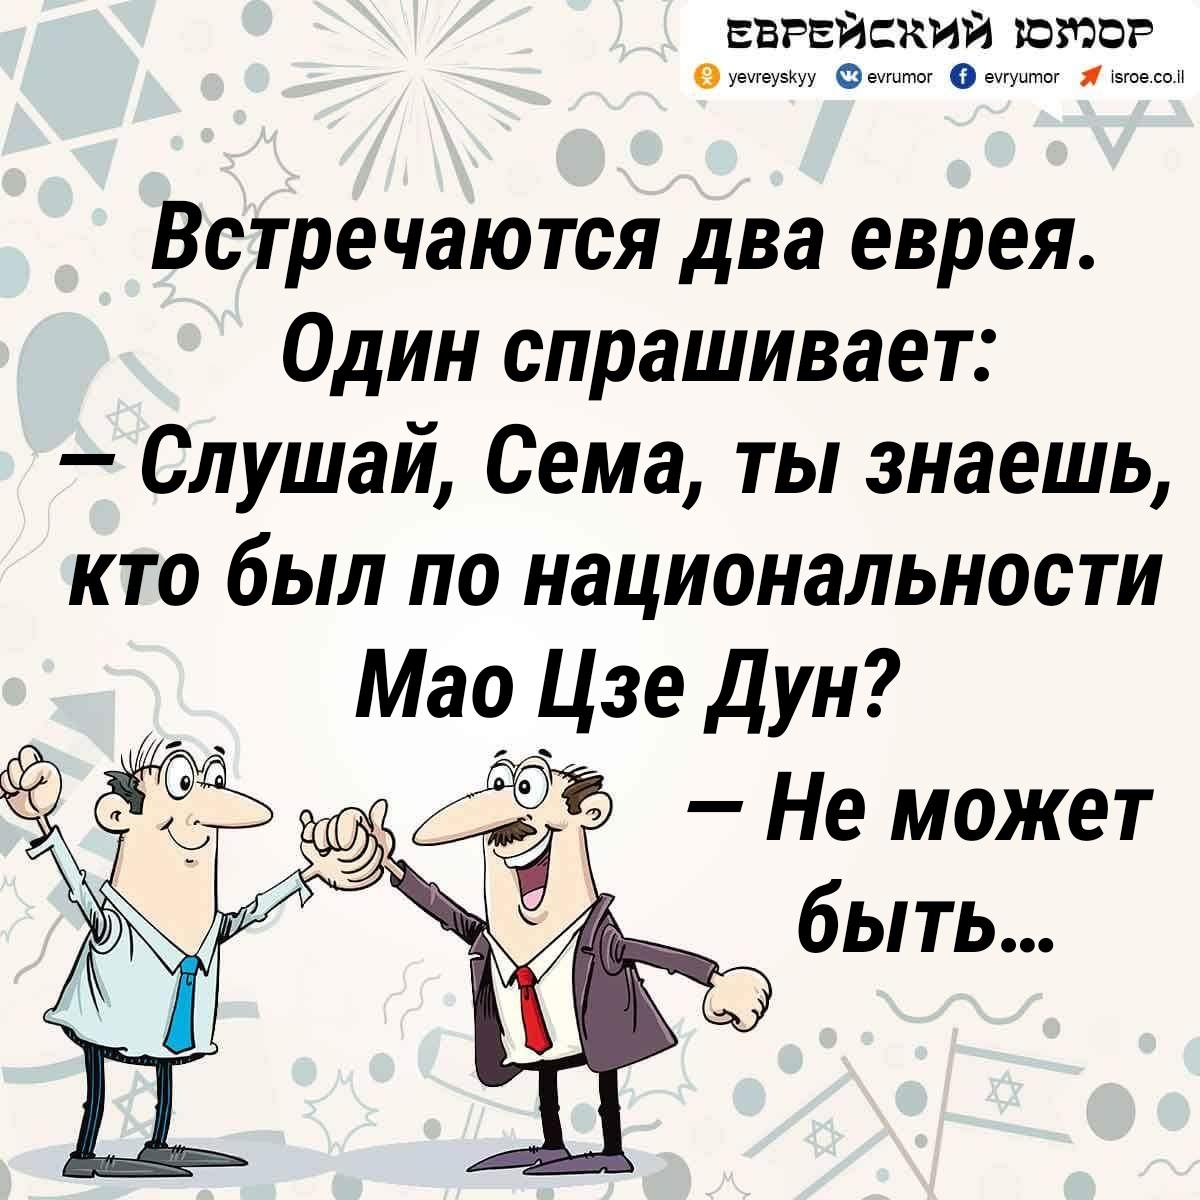 Смешные Одесские Анекдоты